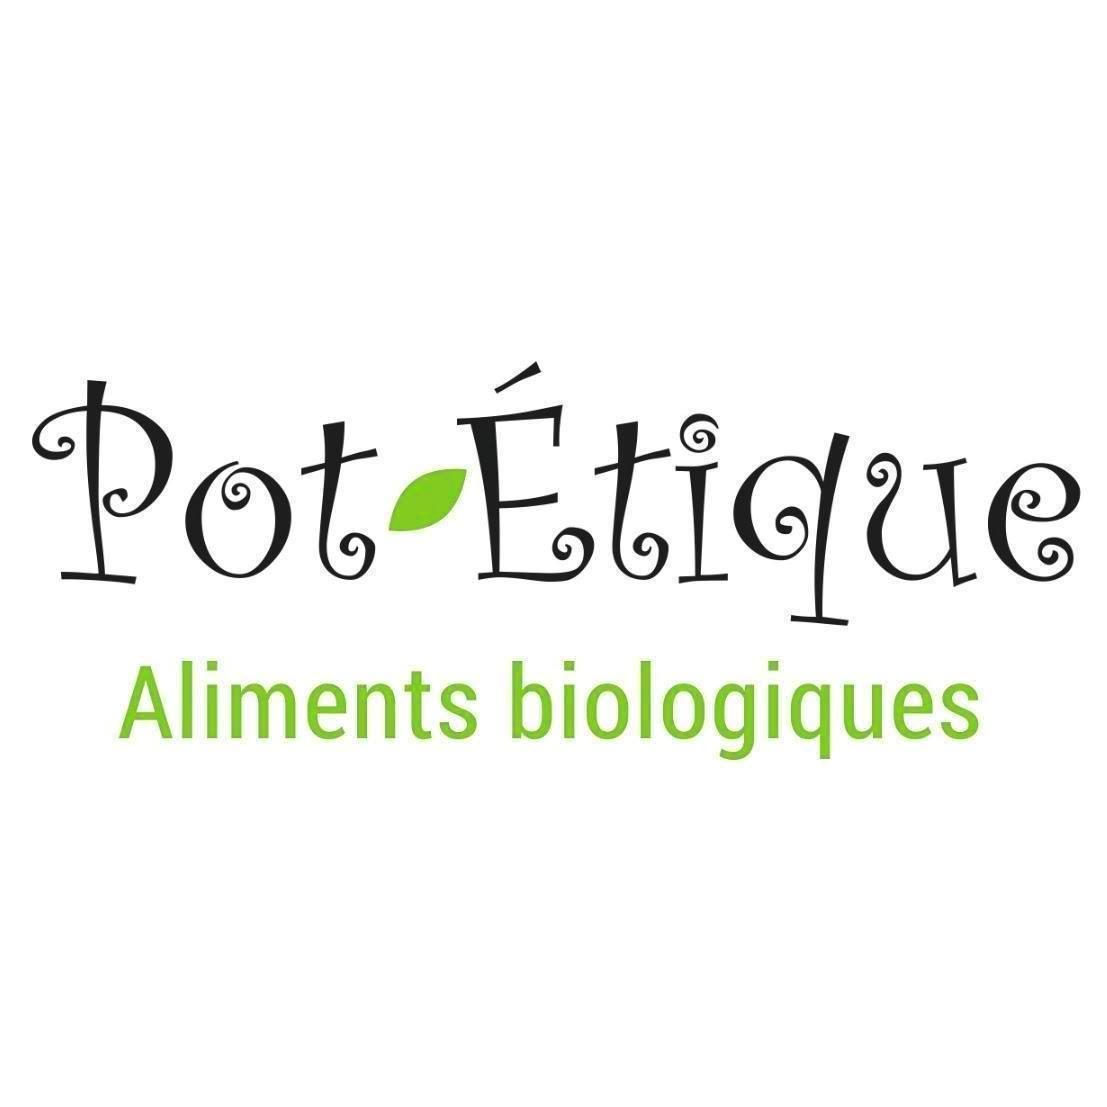 Boutique d'aliment zéro déchet en vrac Pot-Étique Saint-Jean-sur-Richelieu Québec Ulocal produit local achat local